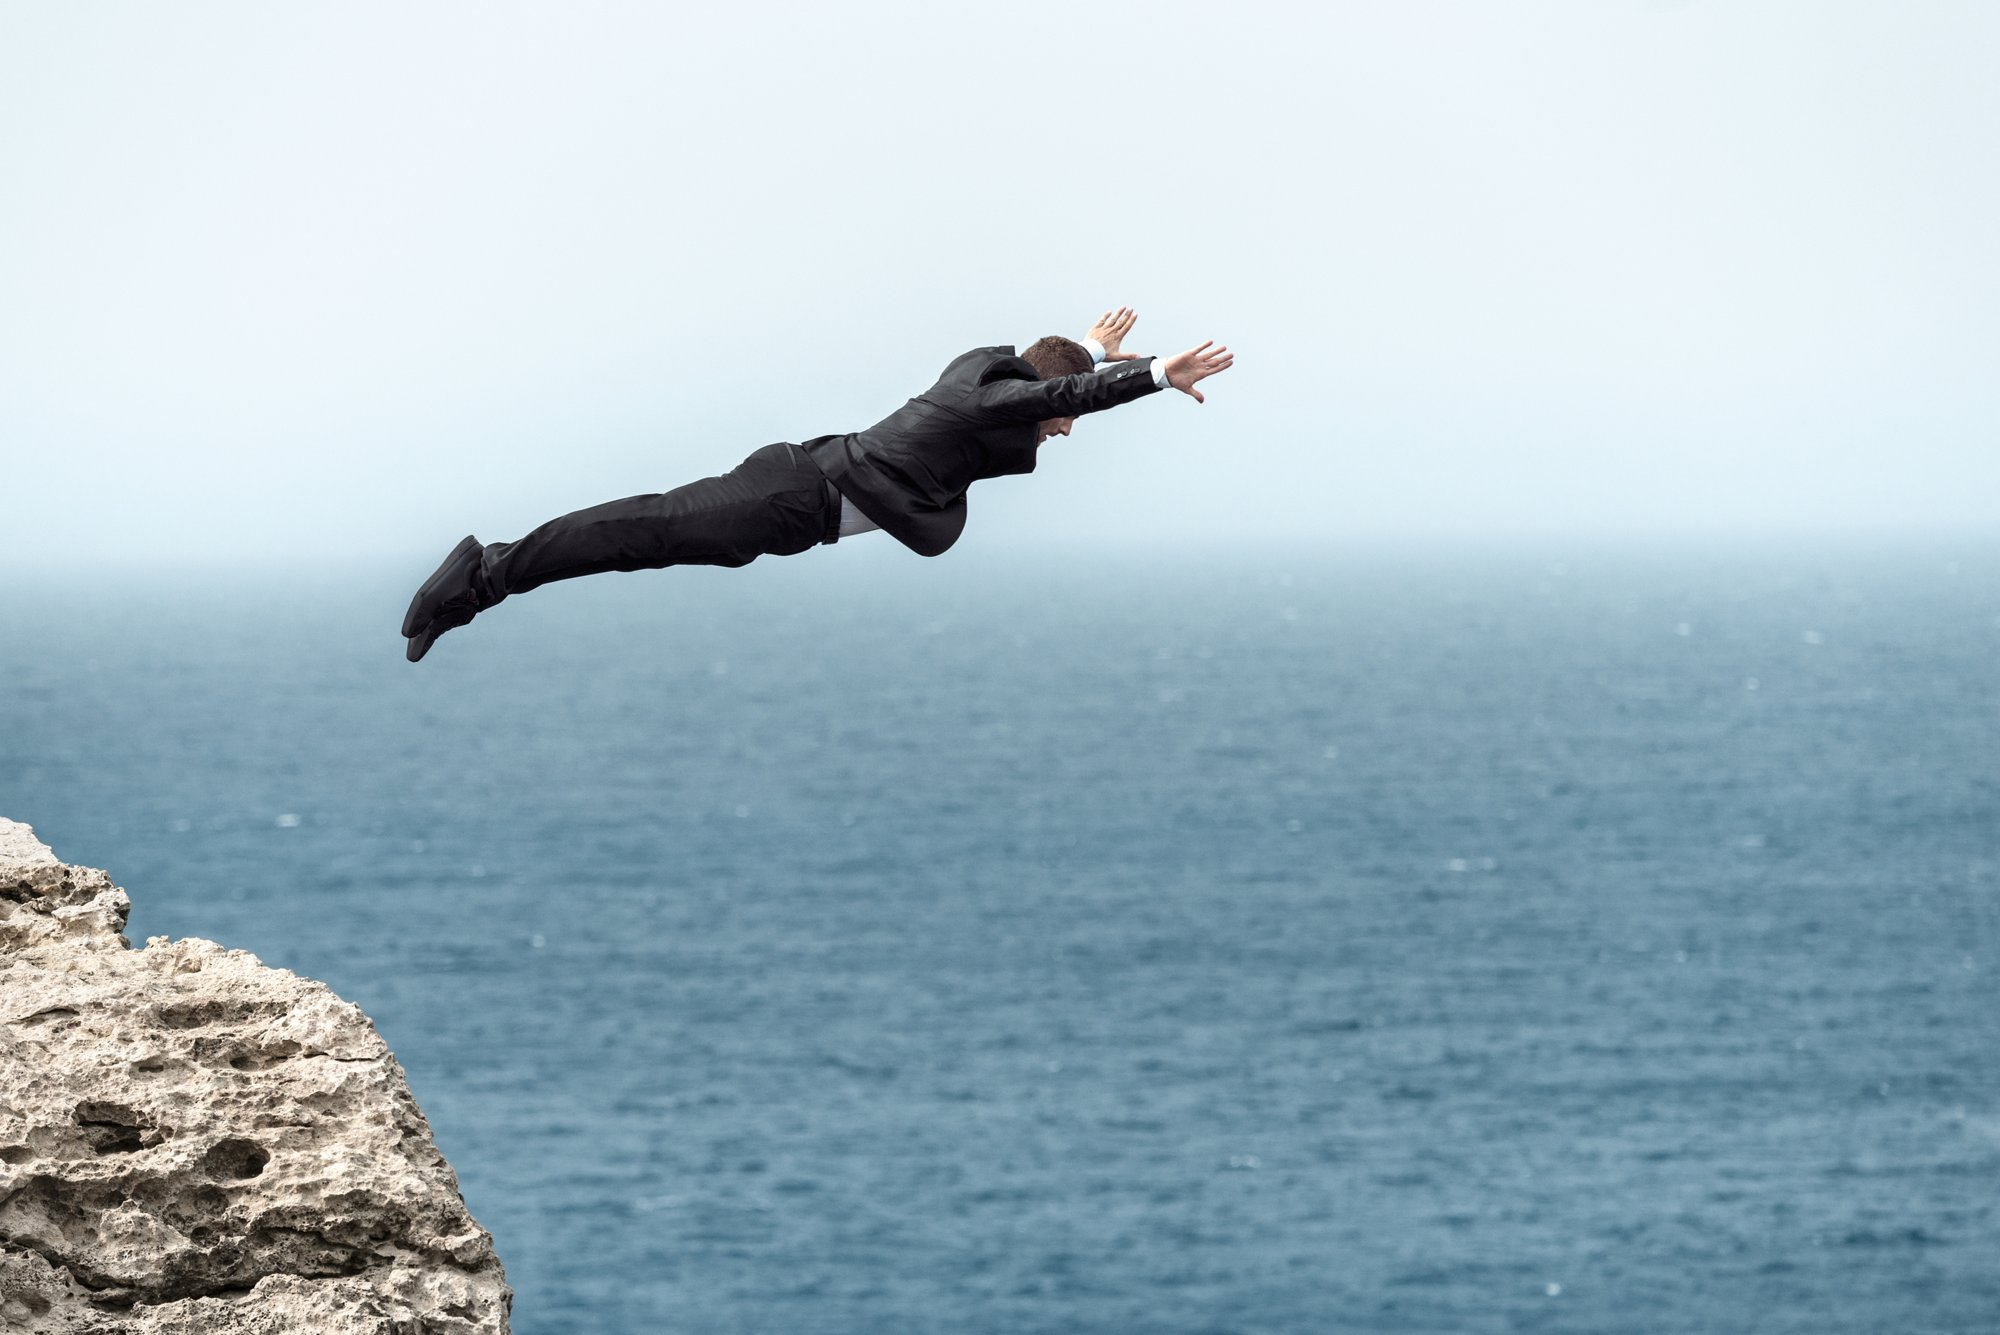 Klifduiker David Colturi springt van een klif terwijl hij het Superblack-kostuum van HUGO draagt